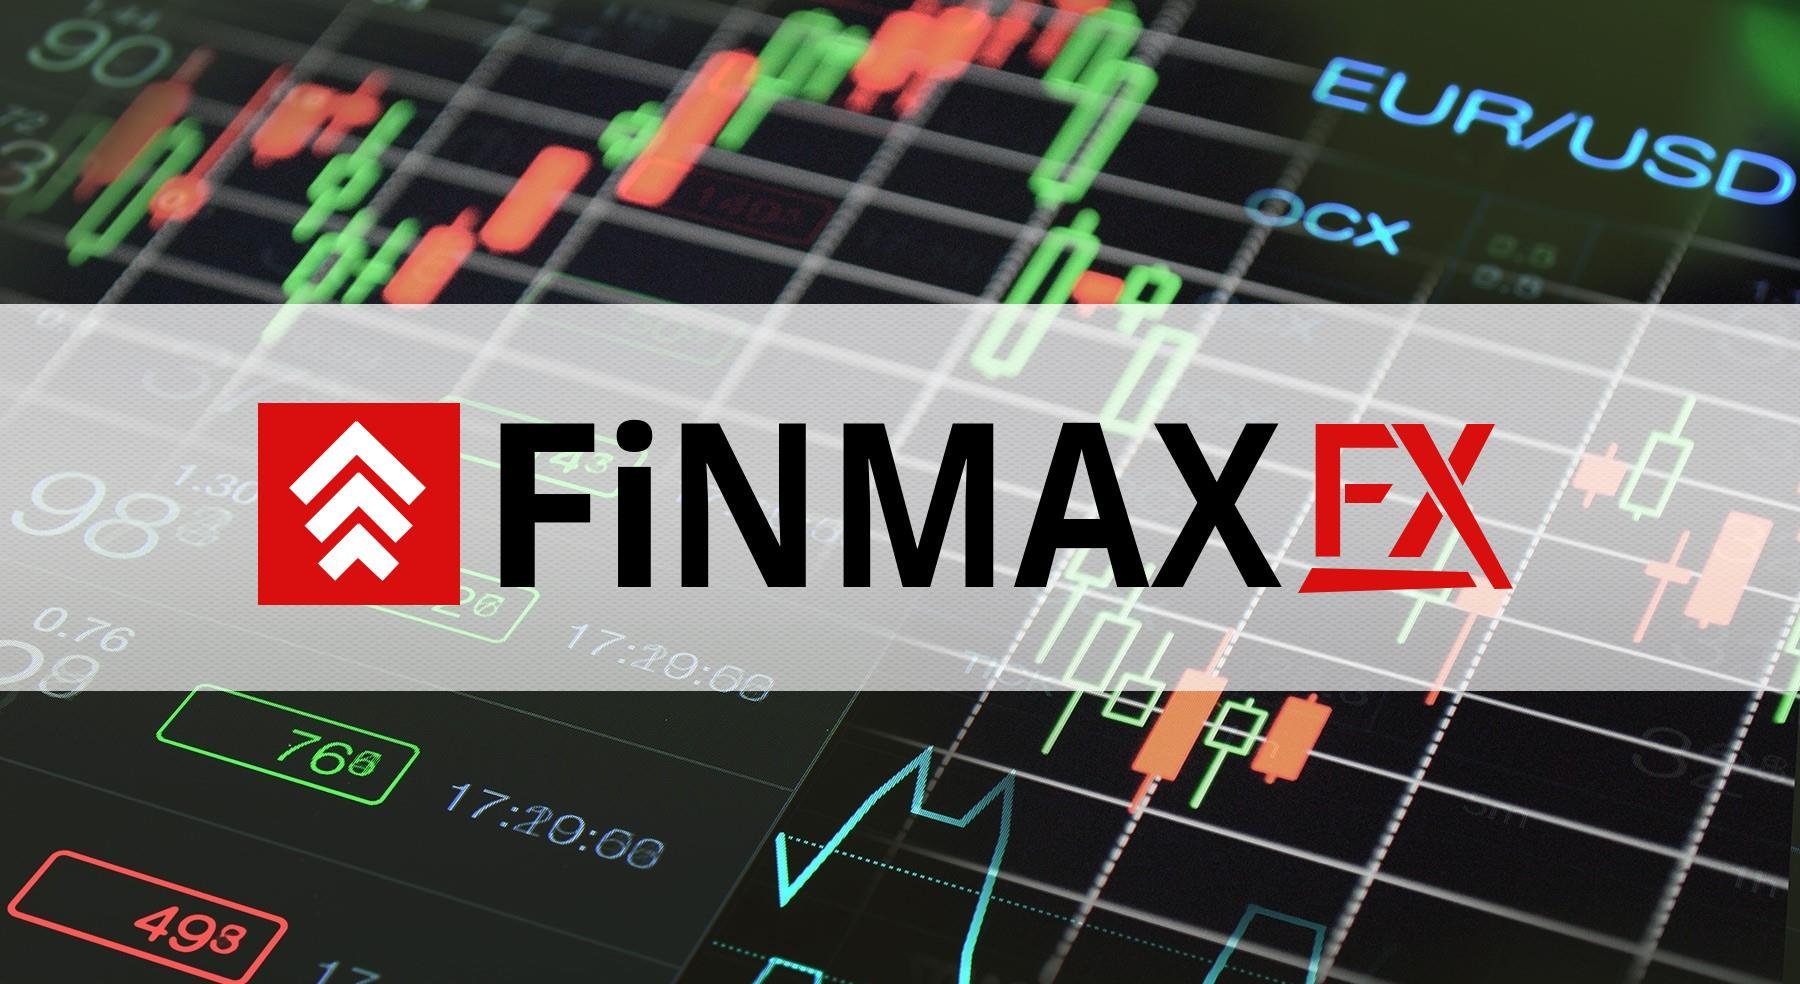 finmaxfx обзор и отзывы клиентов